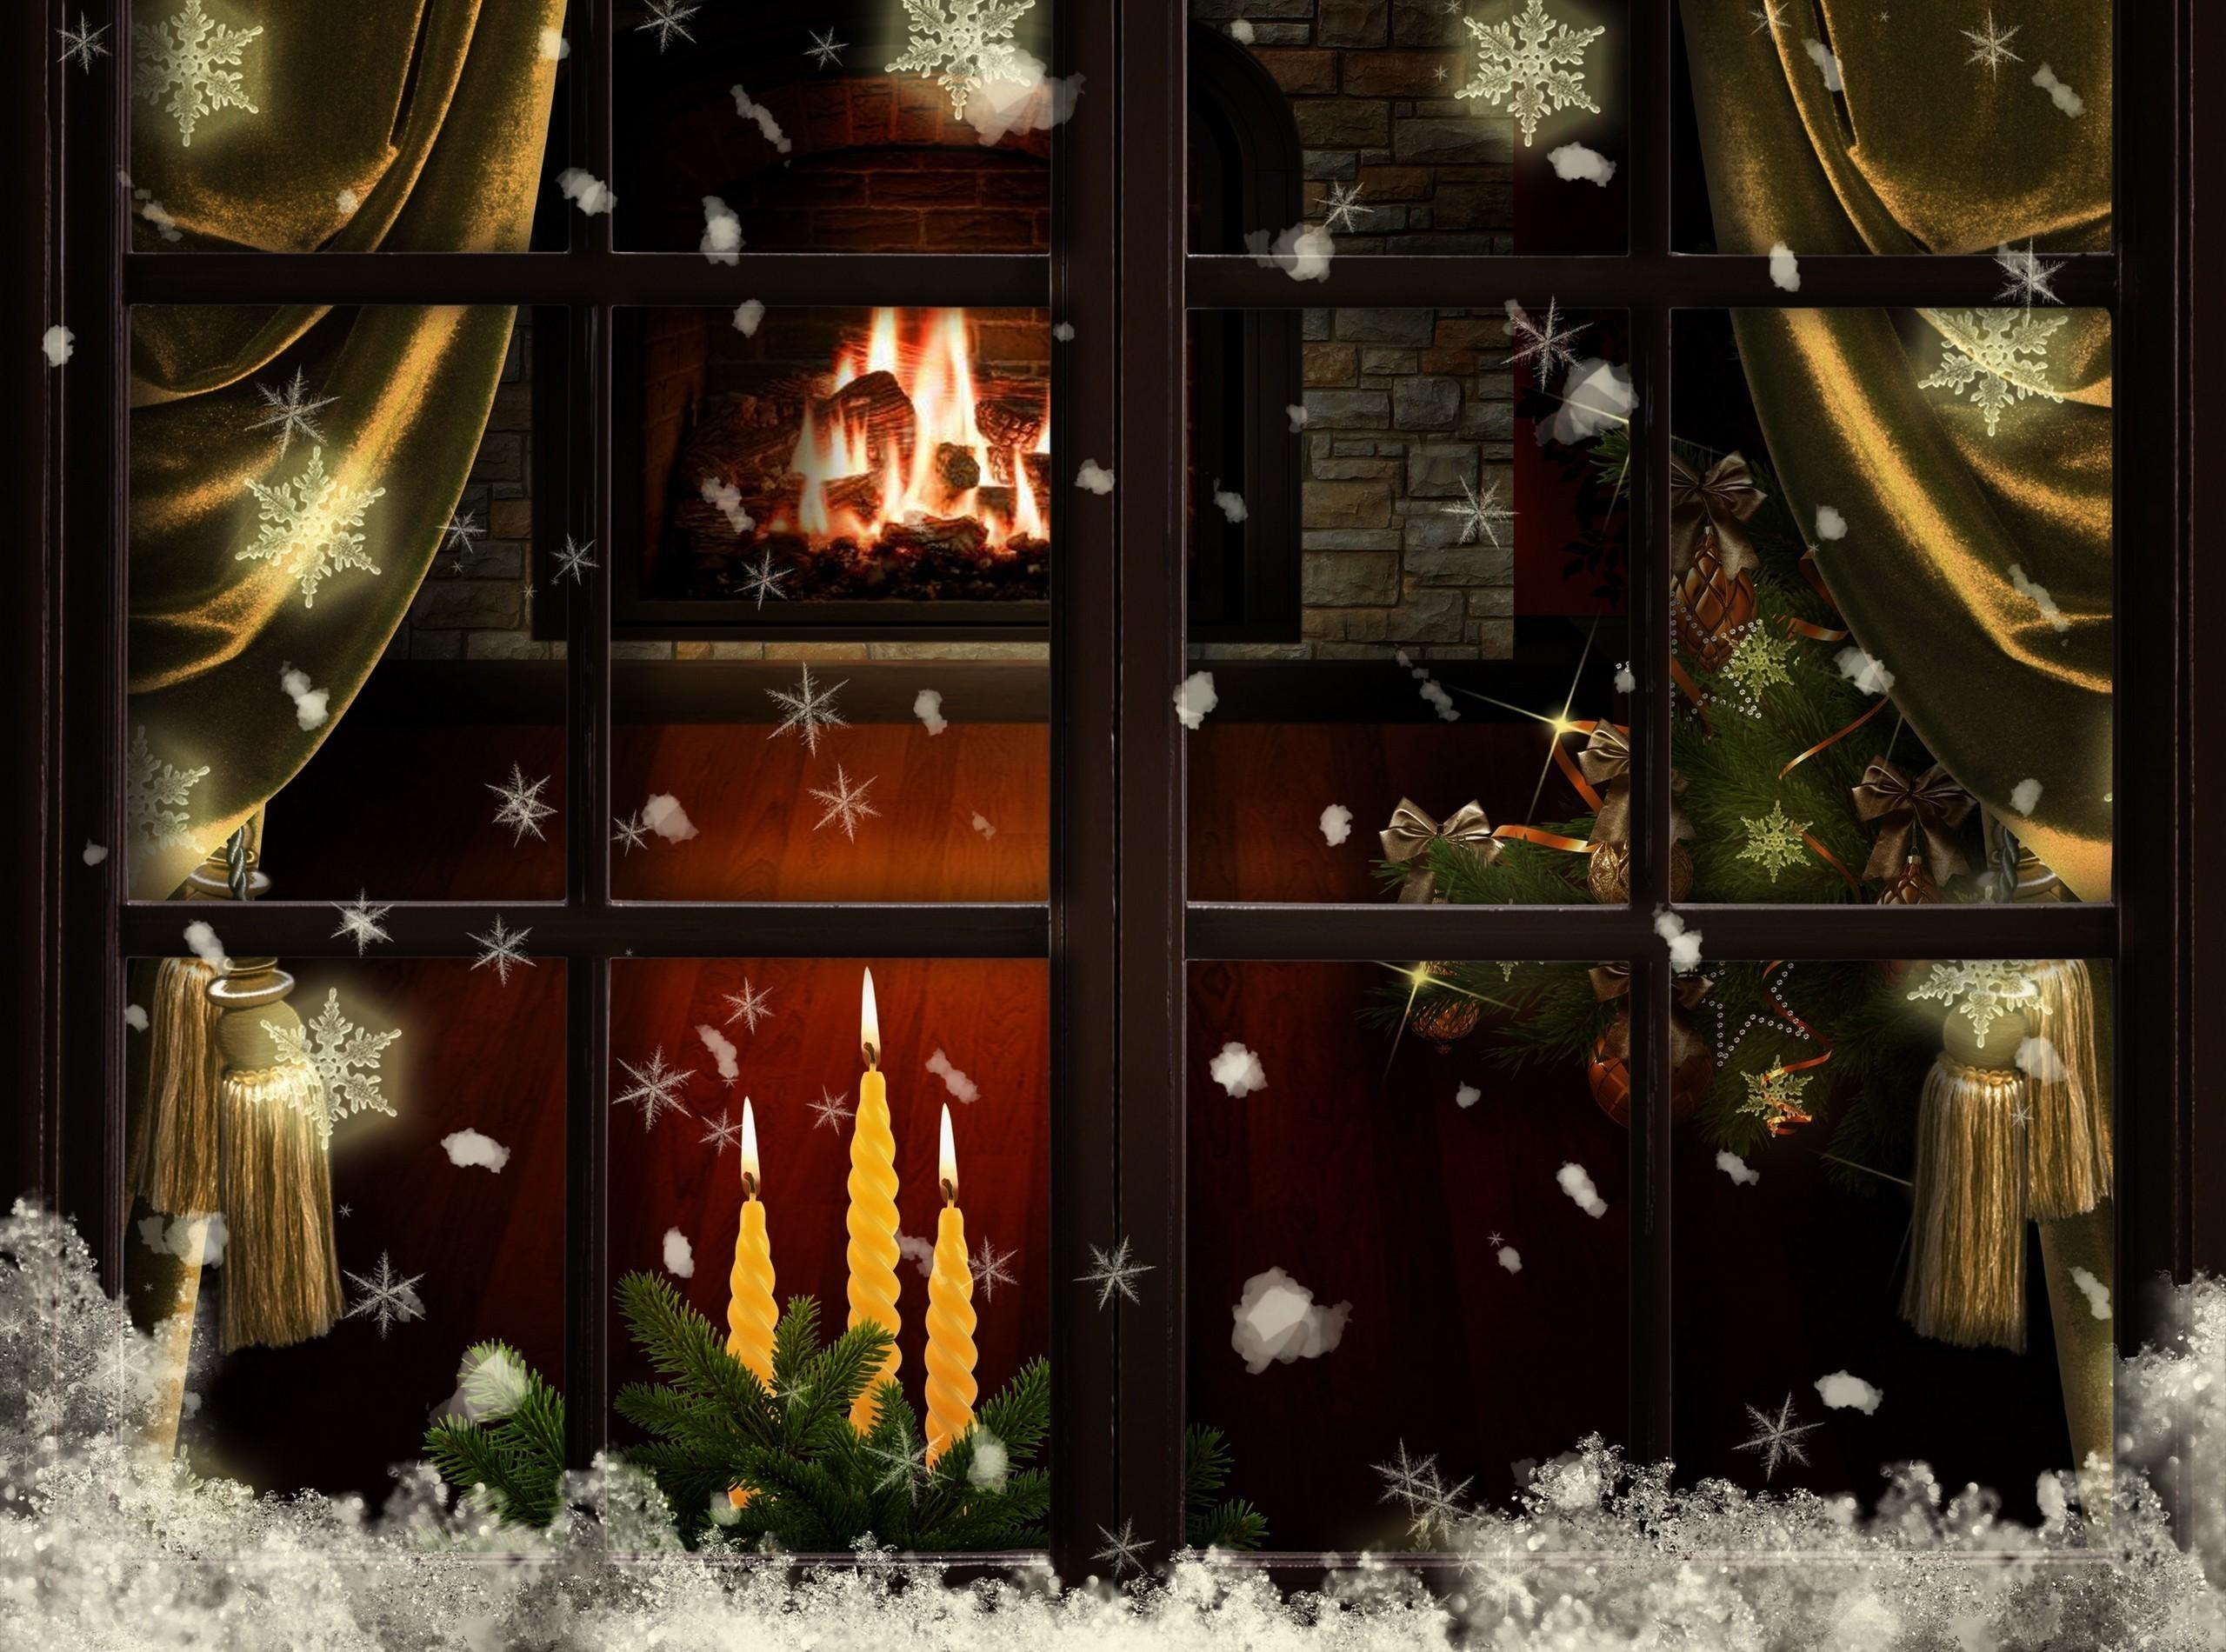 окно, свечи, снег